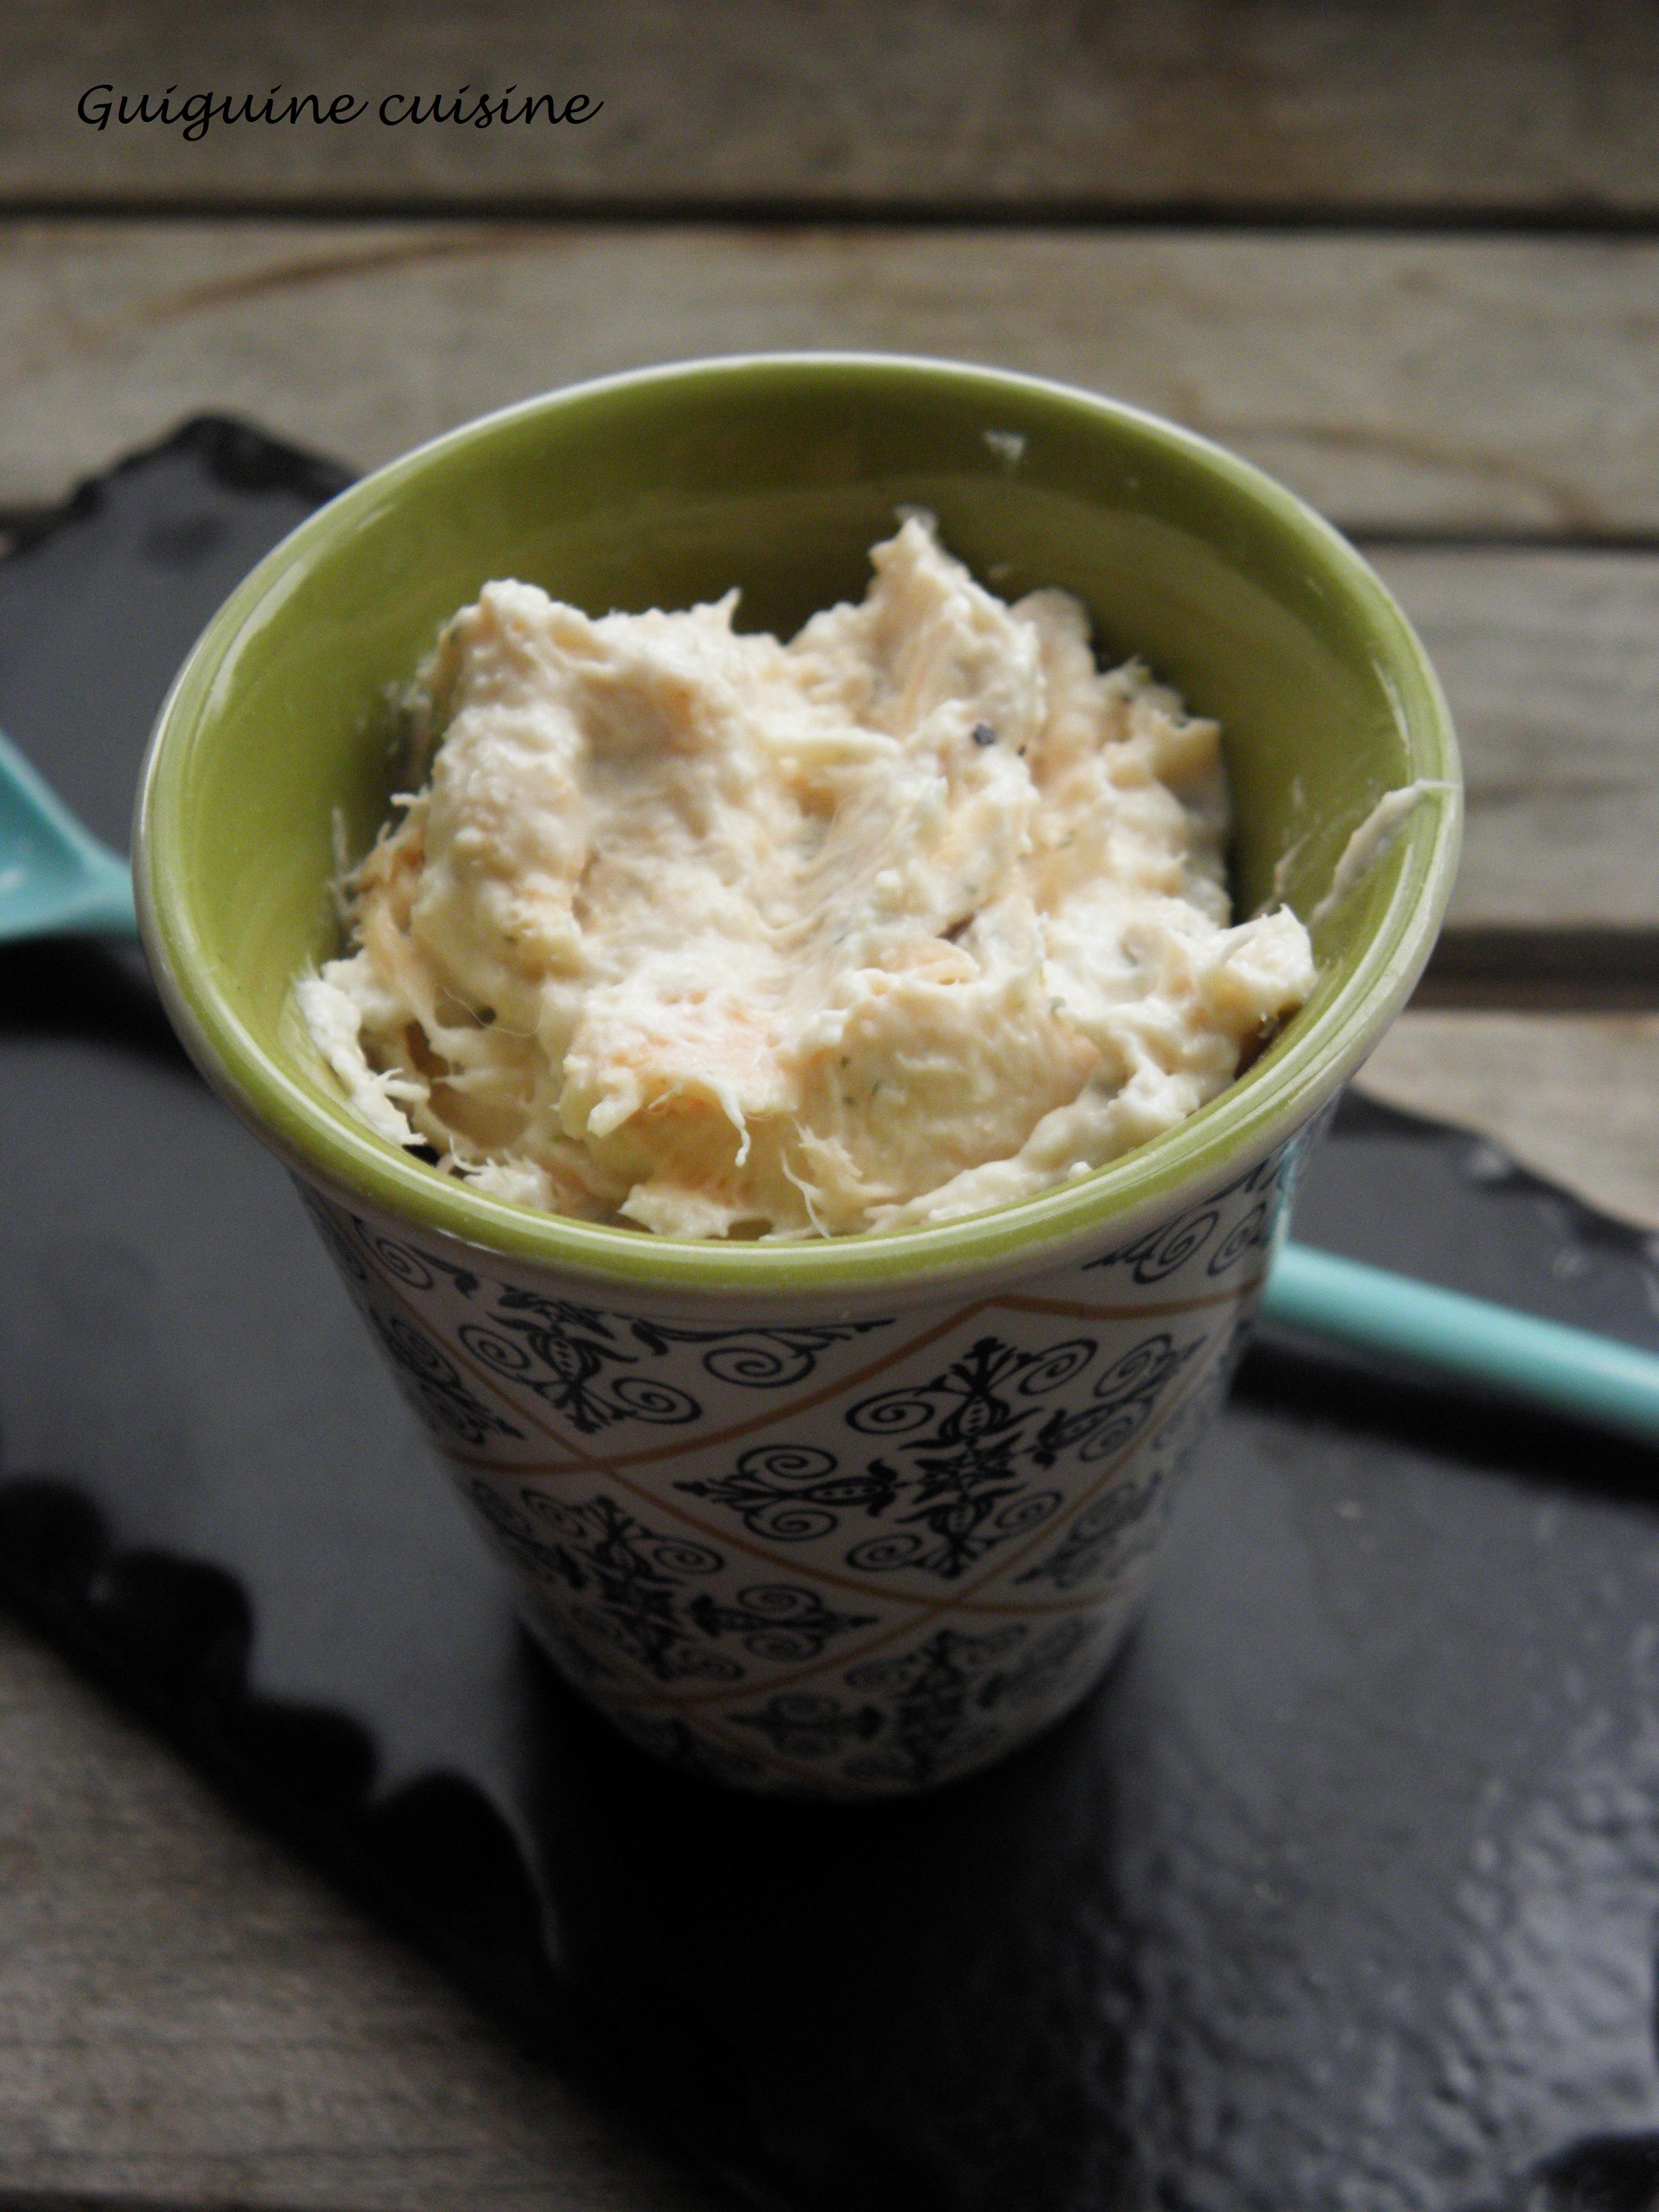 Rillettes de saumon au boursin ail et fines herbes blogs de cuisine - Boursin cuisine ail et fines herbes ...